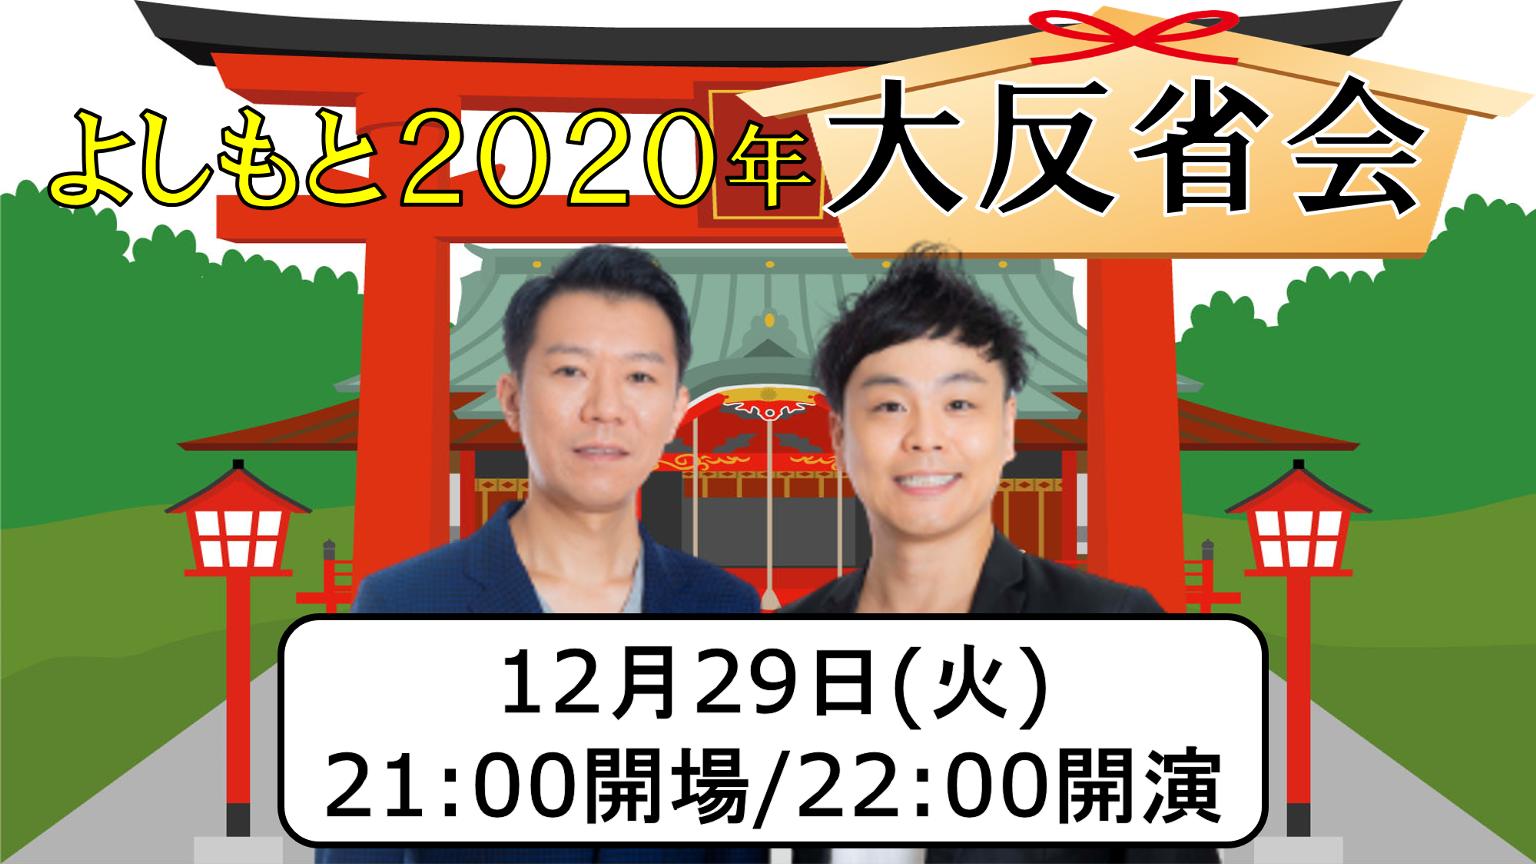 【#吉本自宅劇場】よしもと2020年大反省会